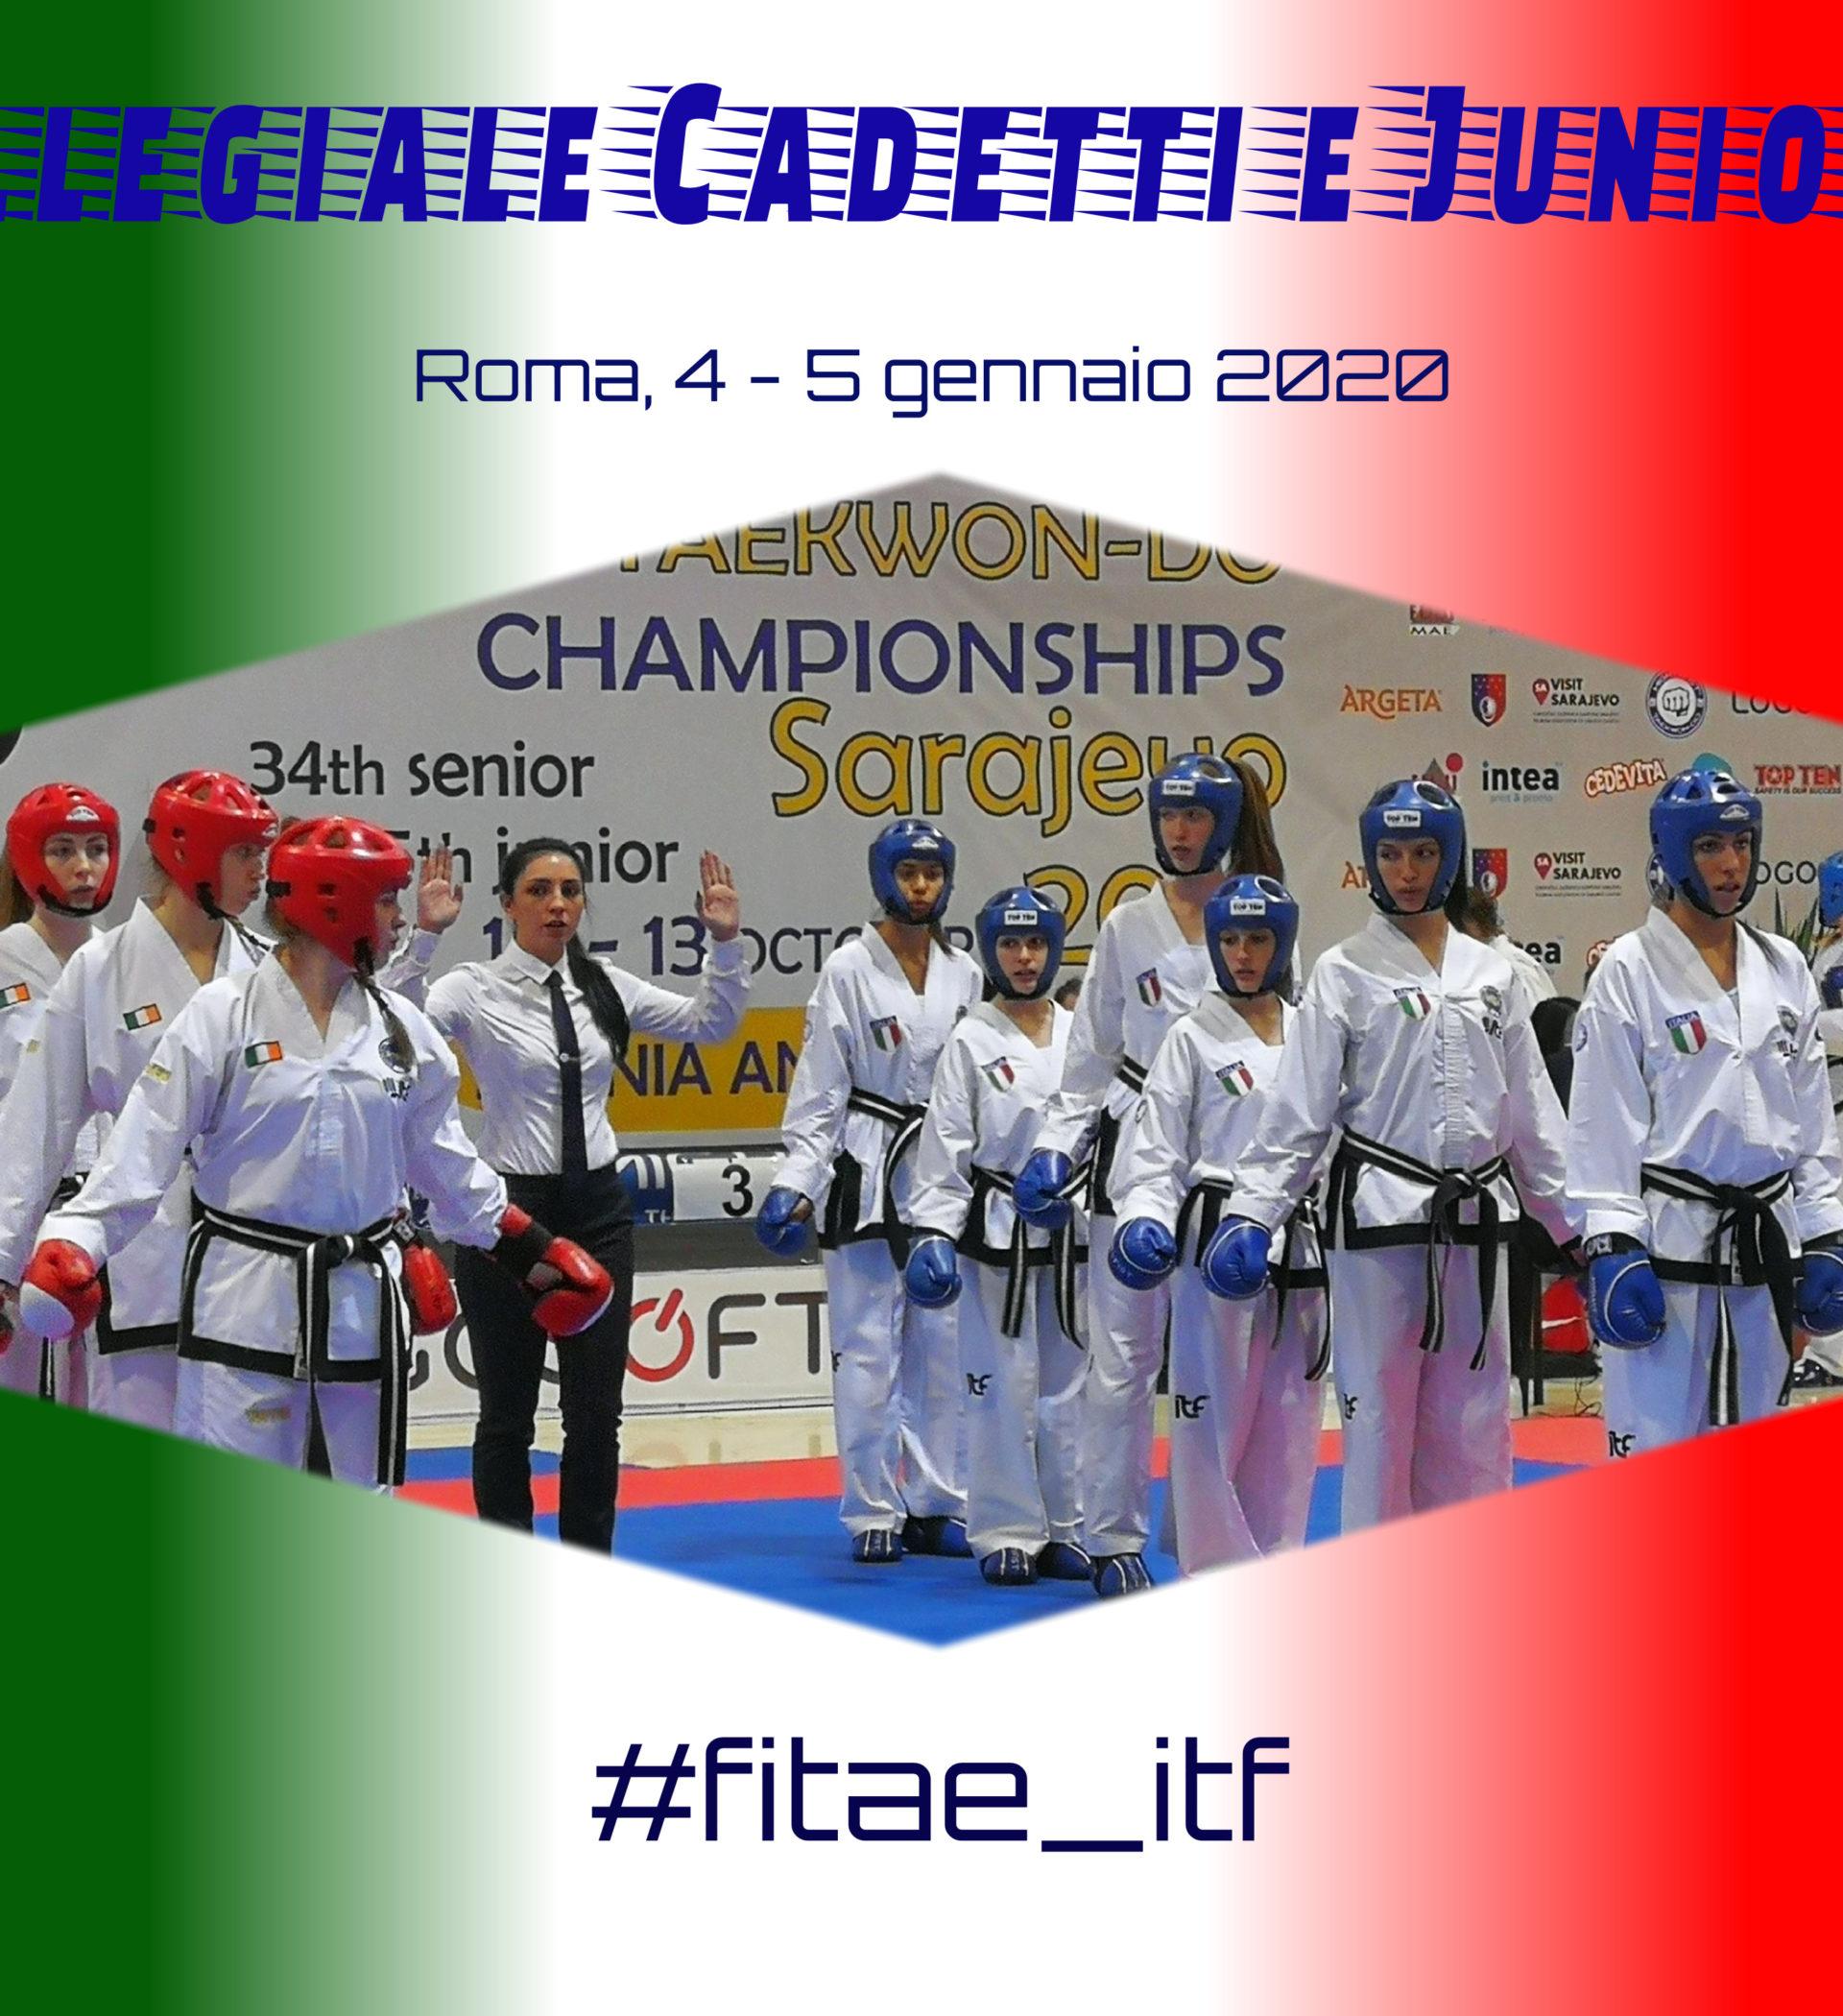 COLLEGIALE COMBATTIMENTO<br> CADETTI E JUNIORES<br> Roma, 4-5/01/2020<br/>